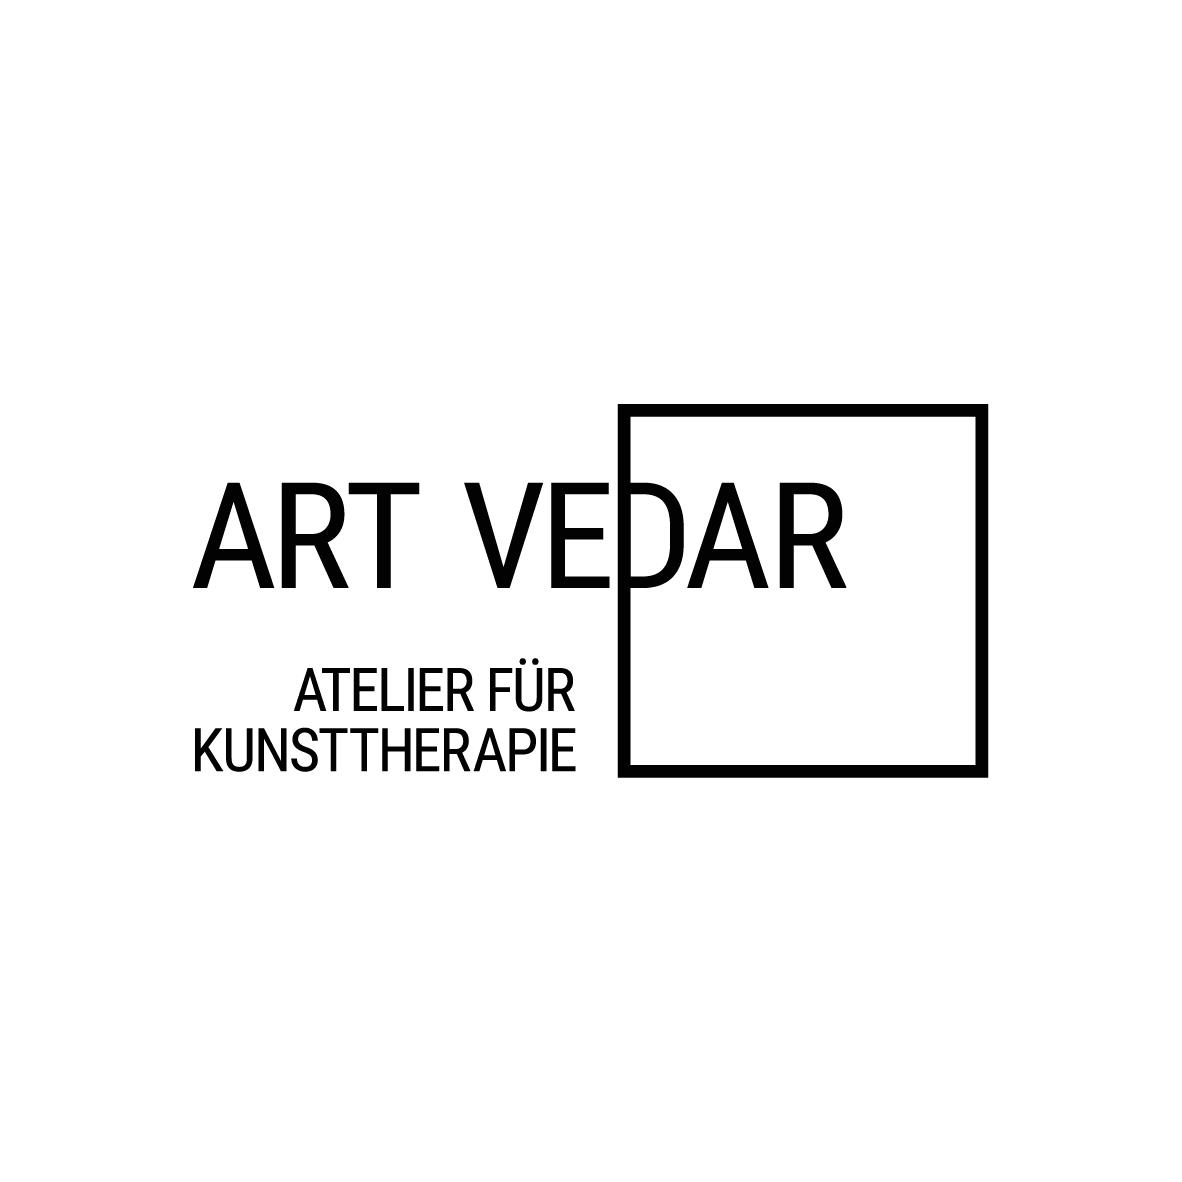 Logo Art vedar